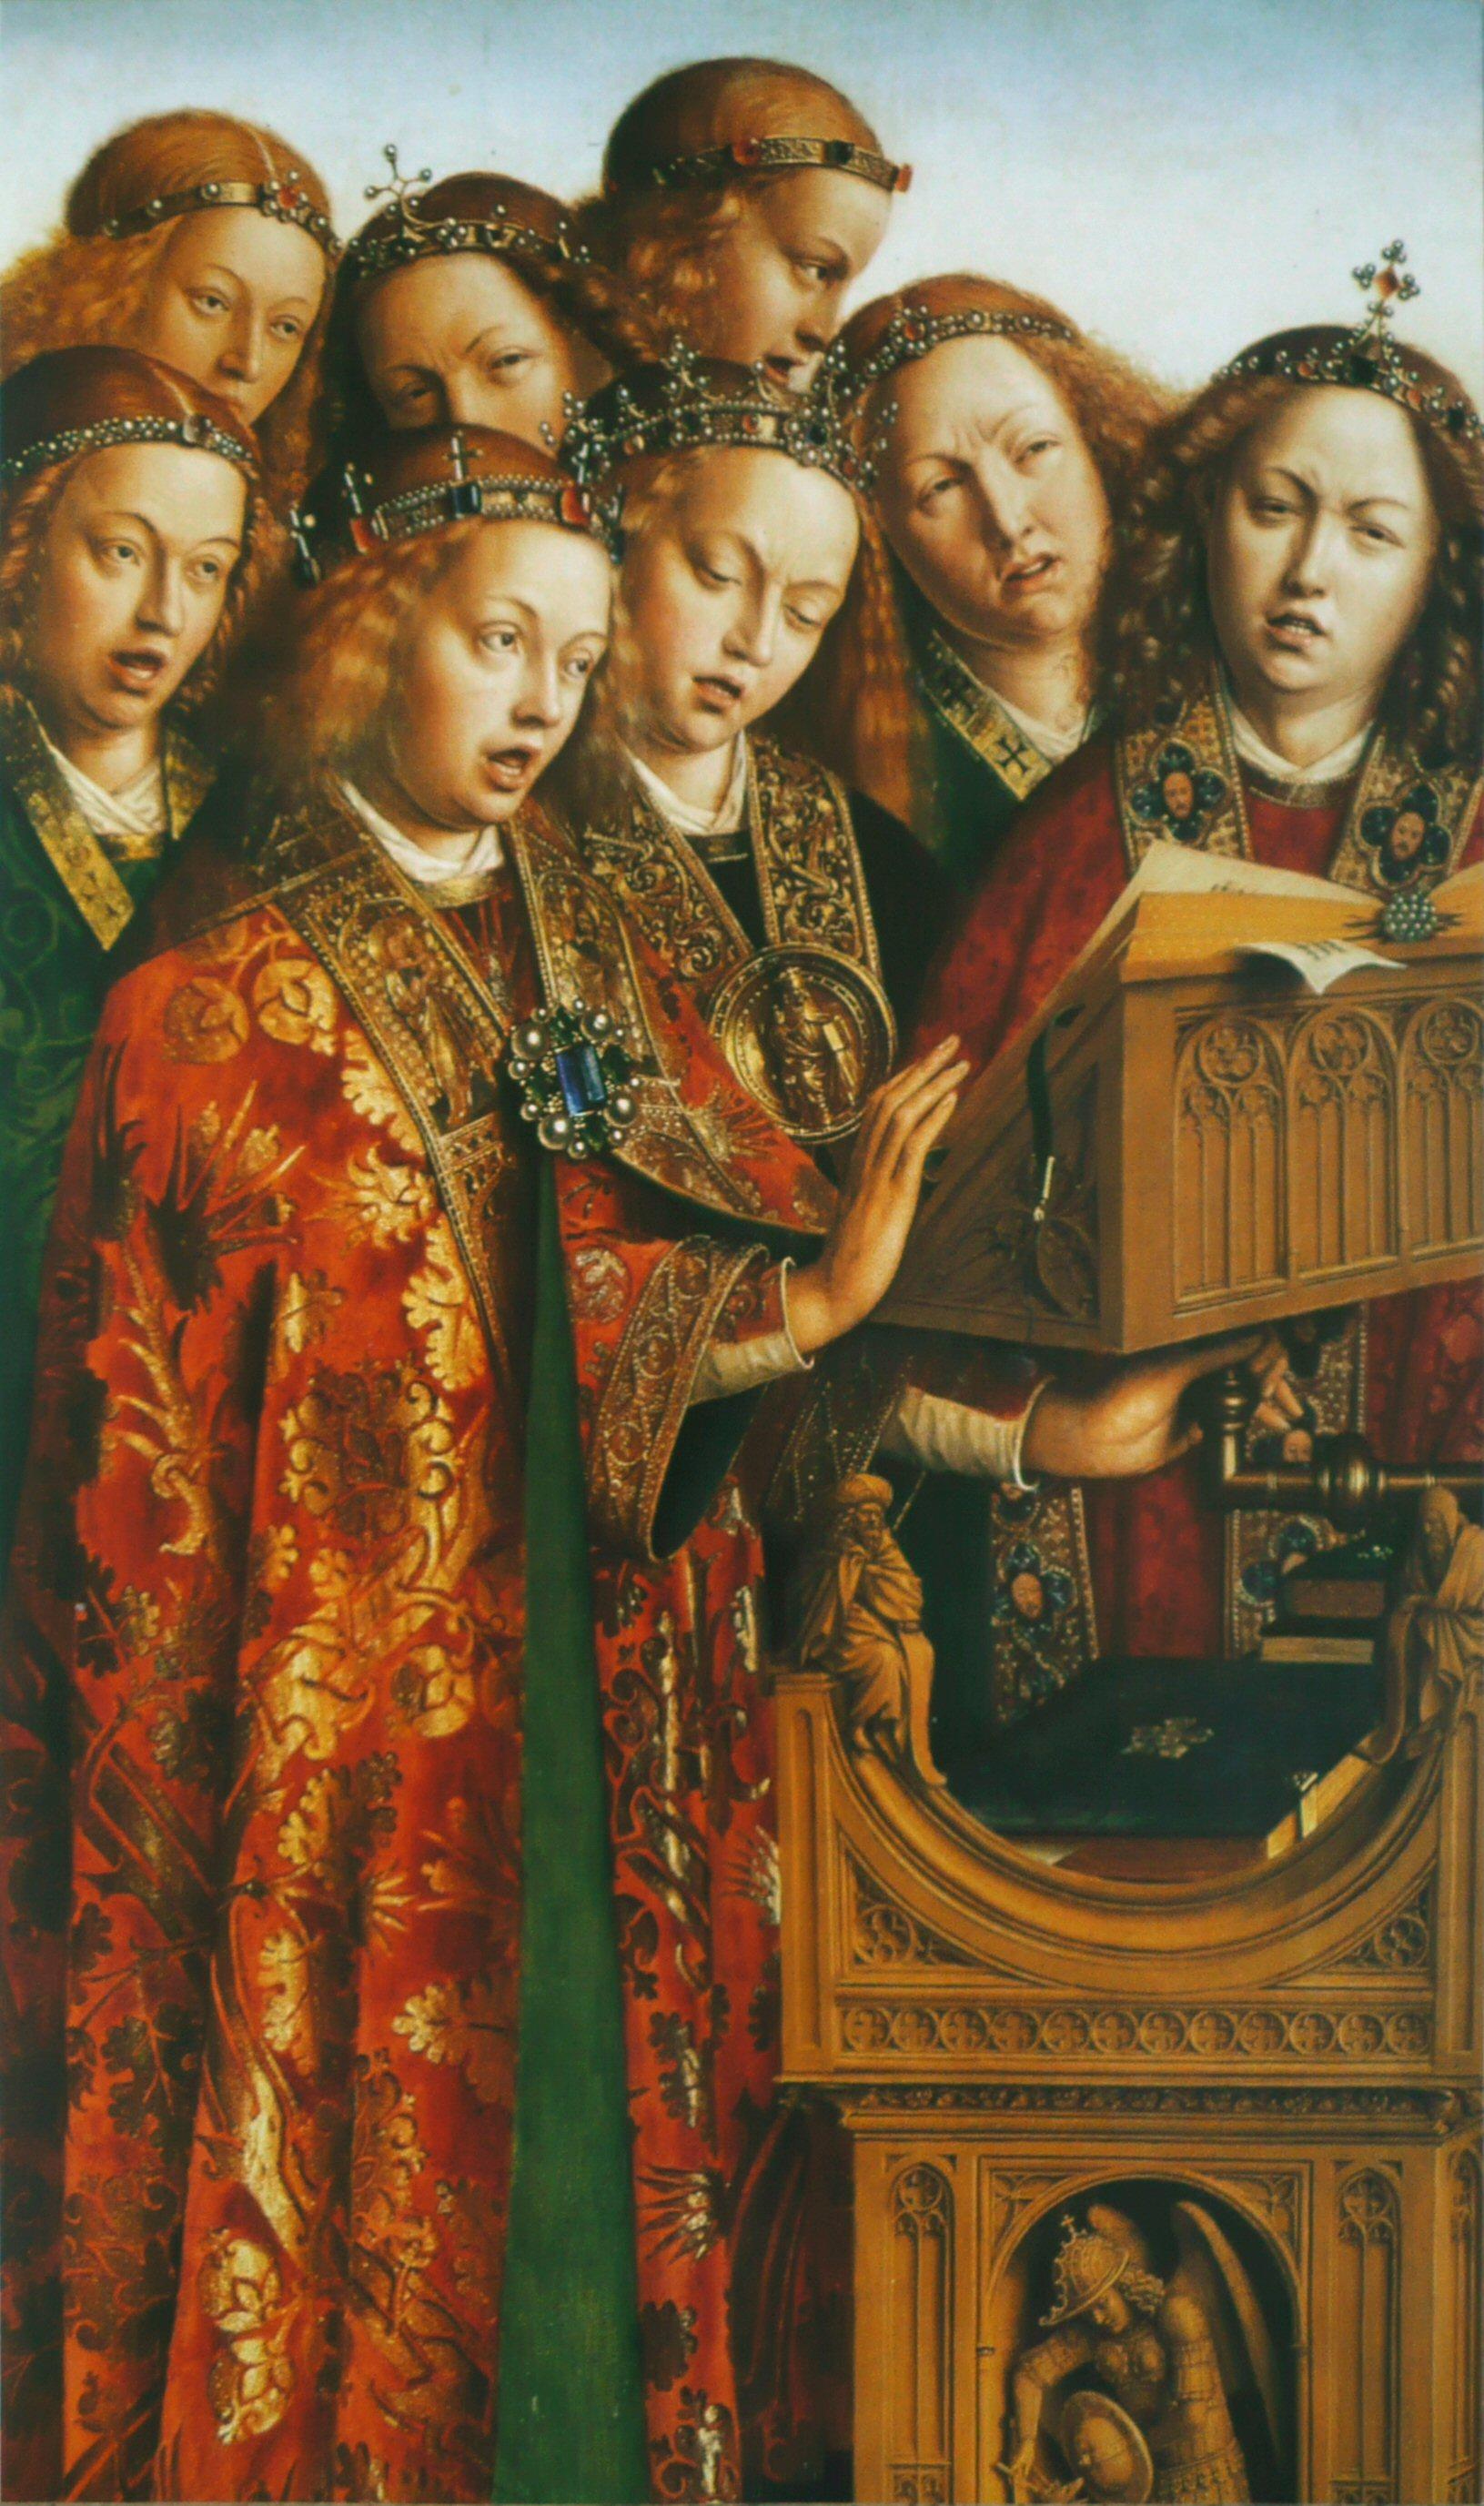 Jan_Van_Eyck_-_Polyptyque_de_Gand